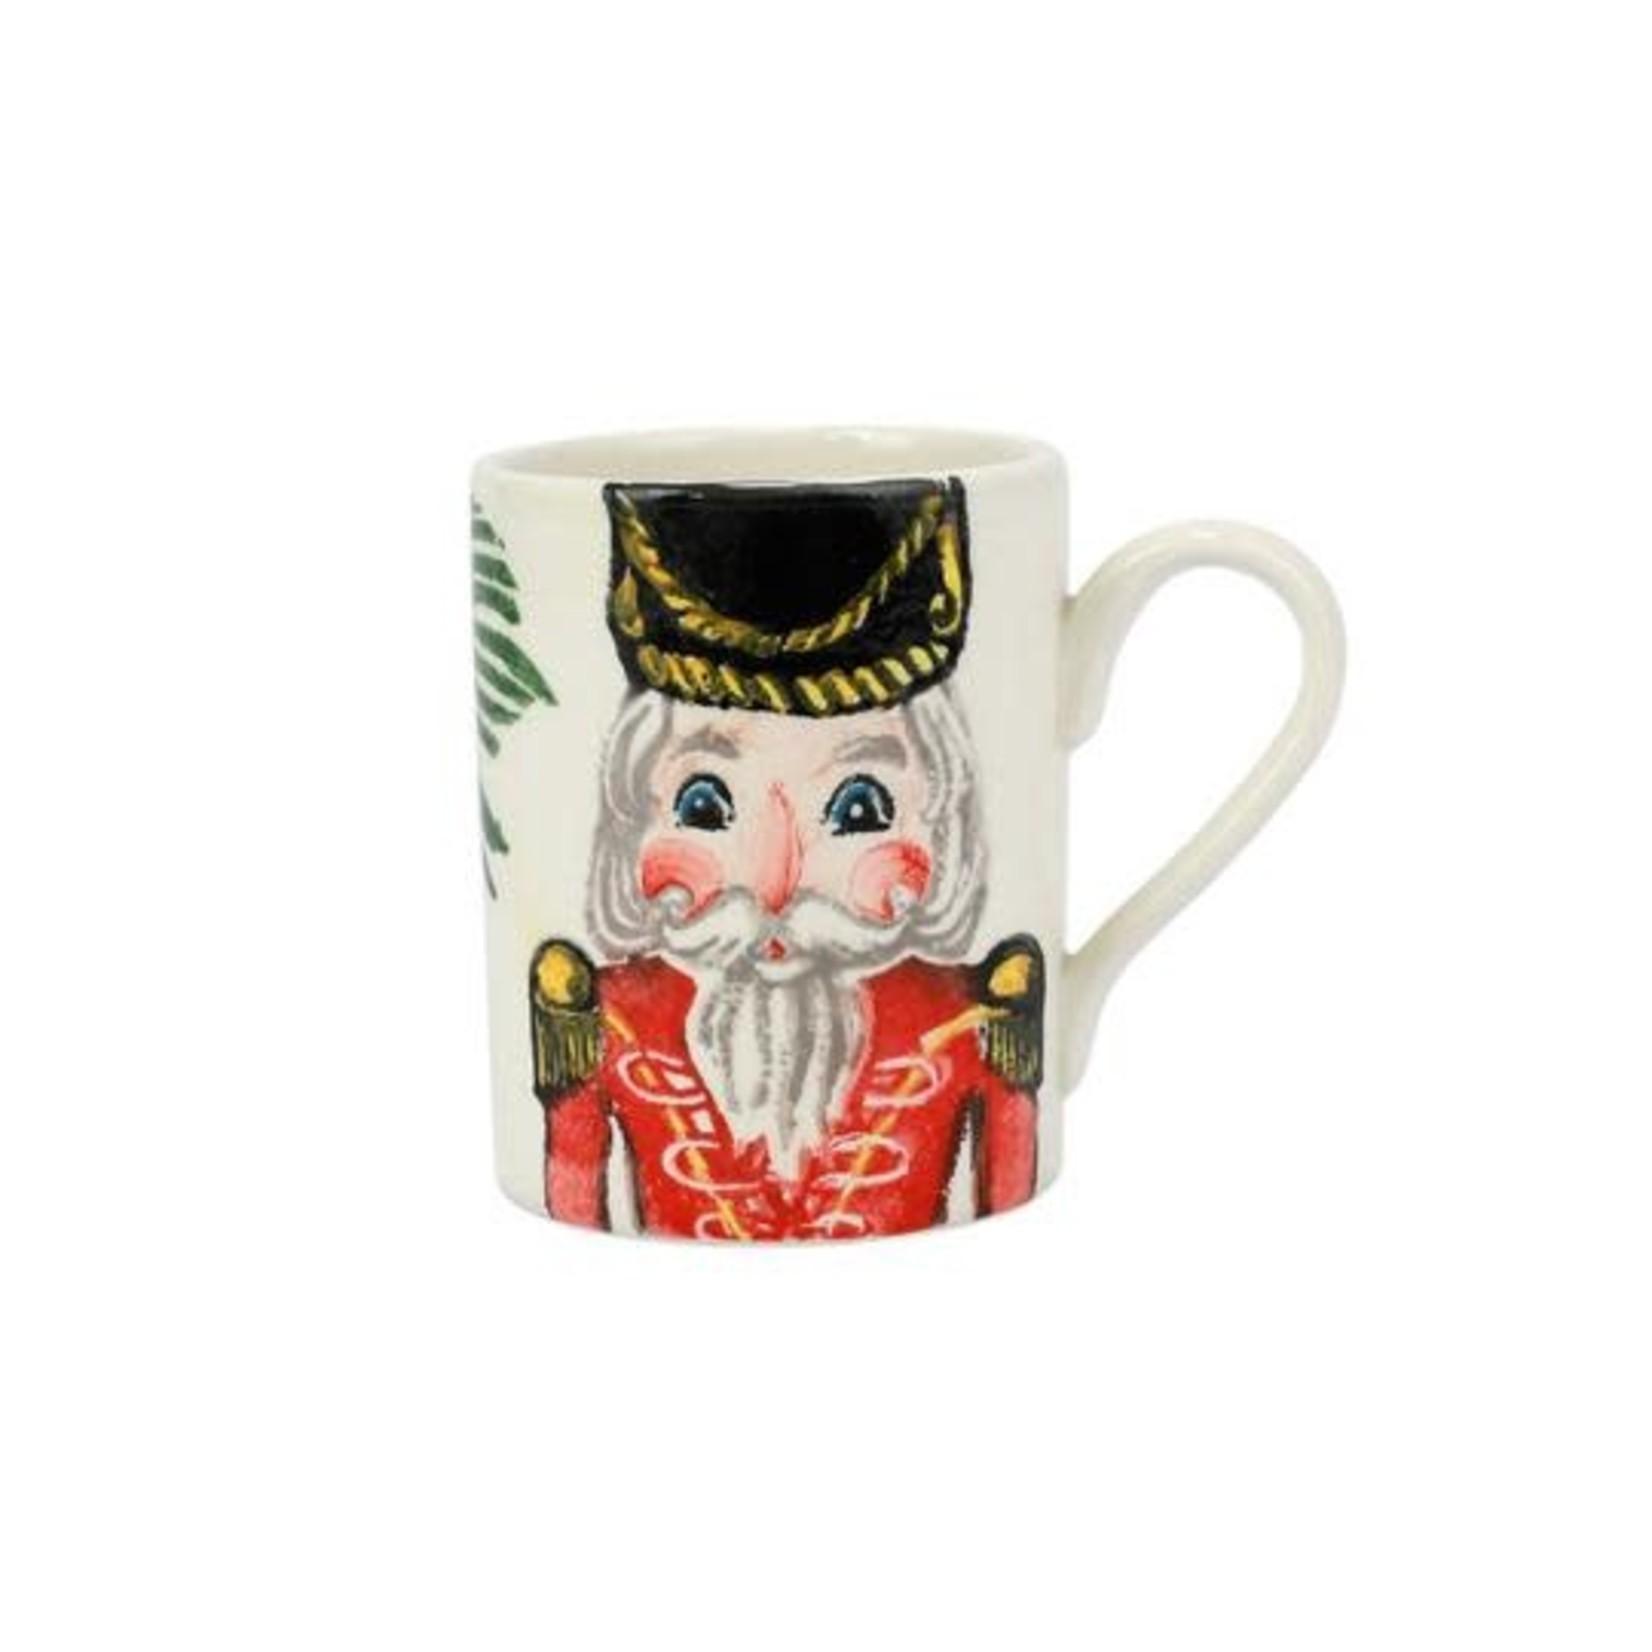 Nutcracker Mug Red